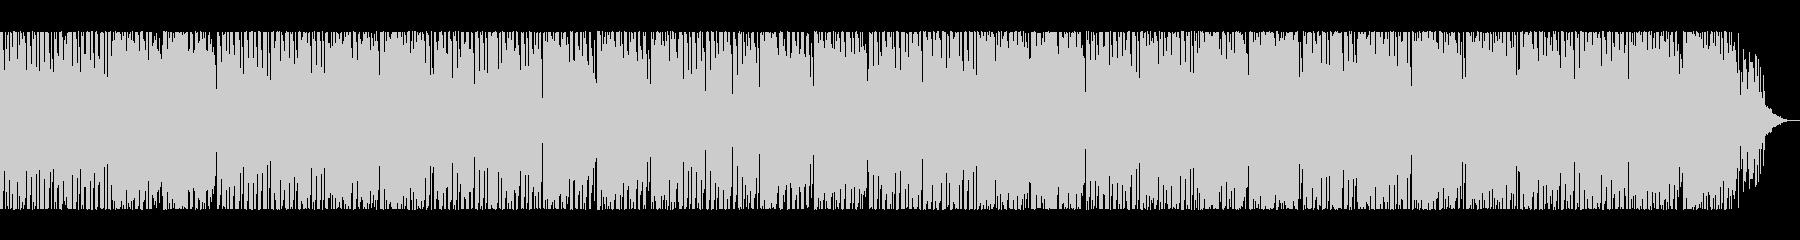 ダンサブルでスリリングなナンバーの未再生の波形